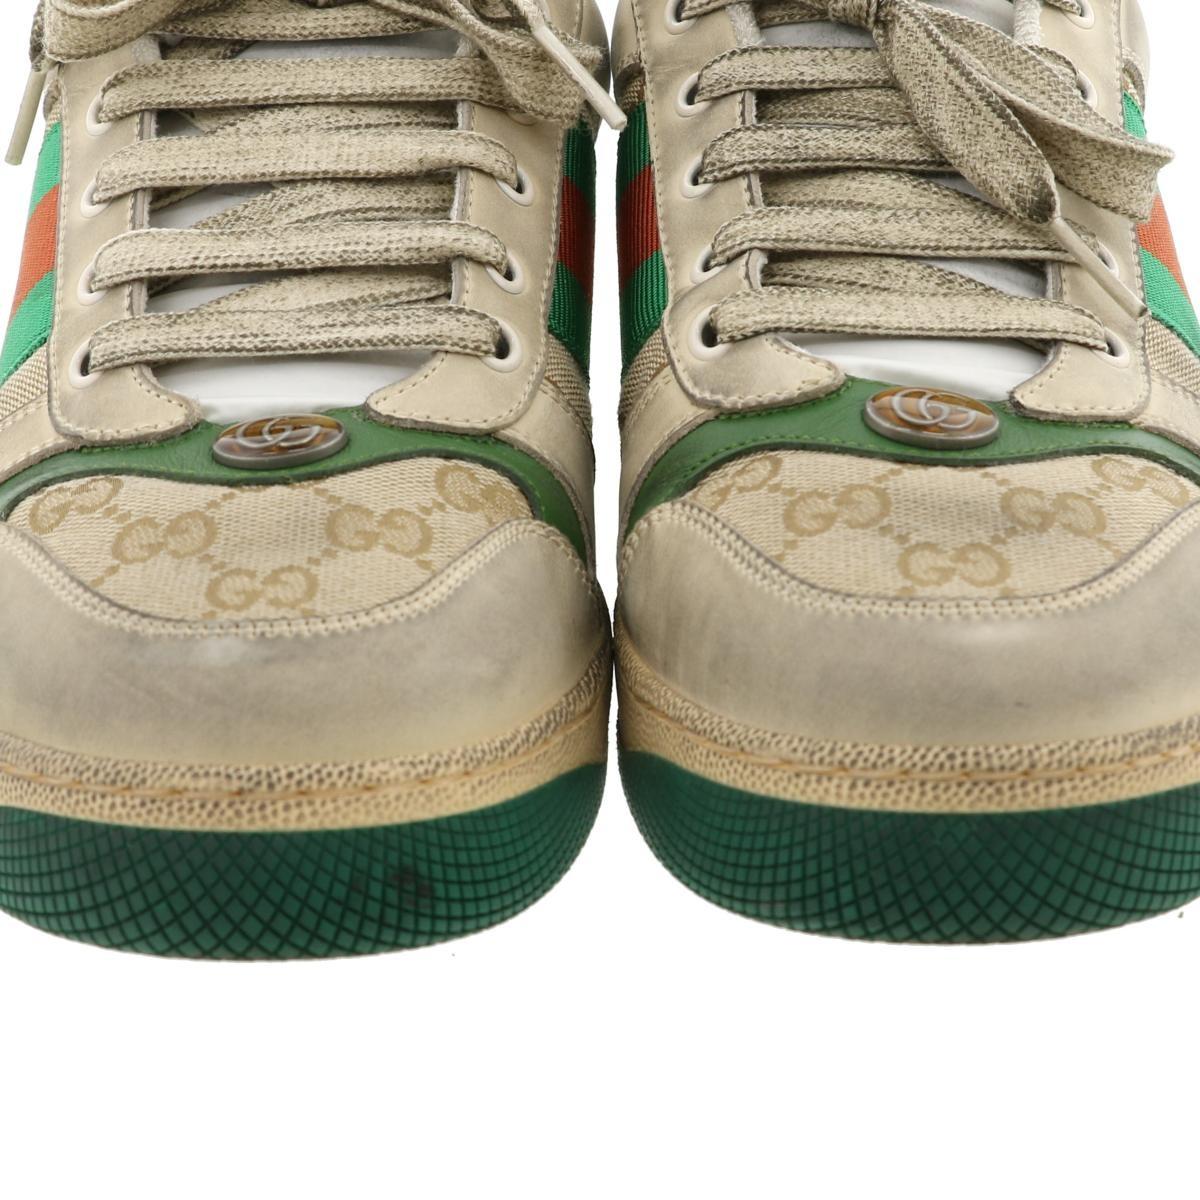 【即日発送・水曜定休日・木曜発送】【美品】【中古】【ヴィンテージ加工】【RI】 GUCCI (グッチ) スクリーナー レザースニーカー 靴 靴/メンズ GGCanvas Green/グリーン 546551 used:A